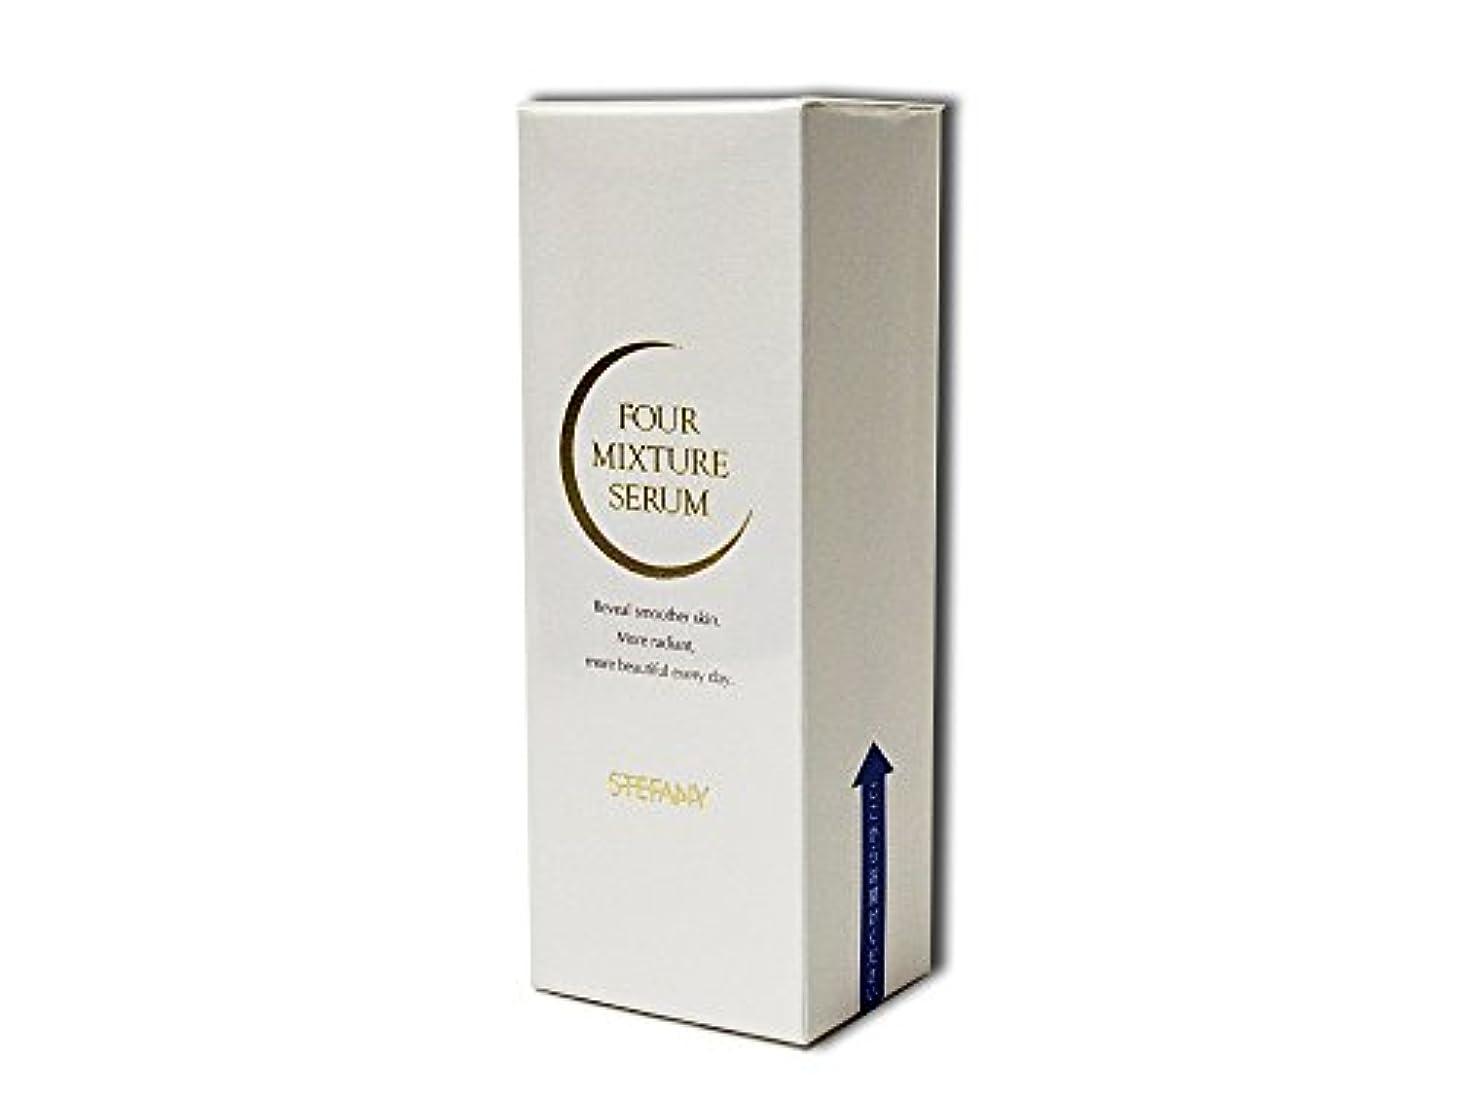 アーネストシャクルトンバーゲン意義ステファニー 4種混合原液 ワールド ワン フォーミクスチャーセラム L 120ml